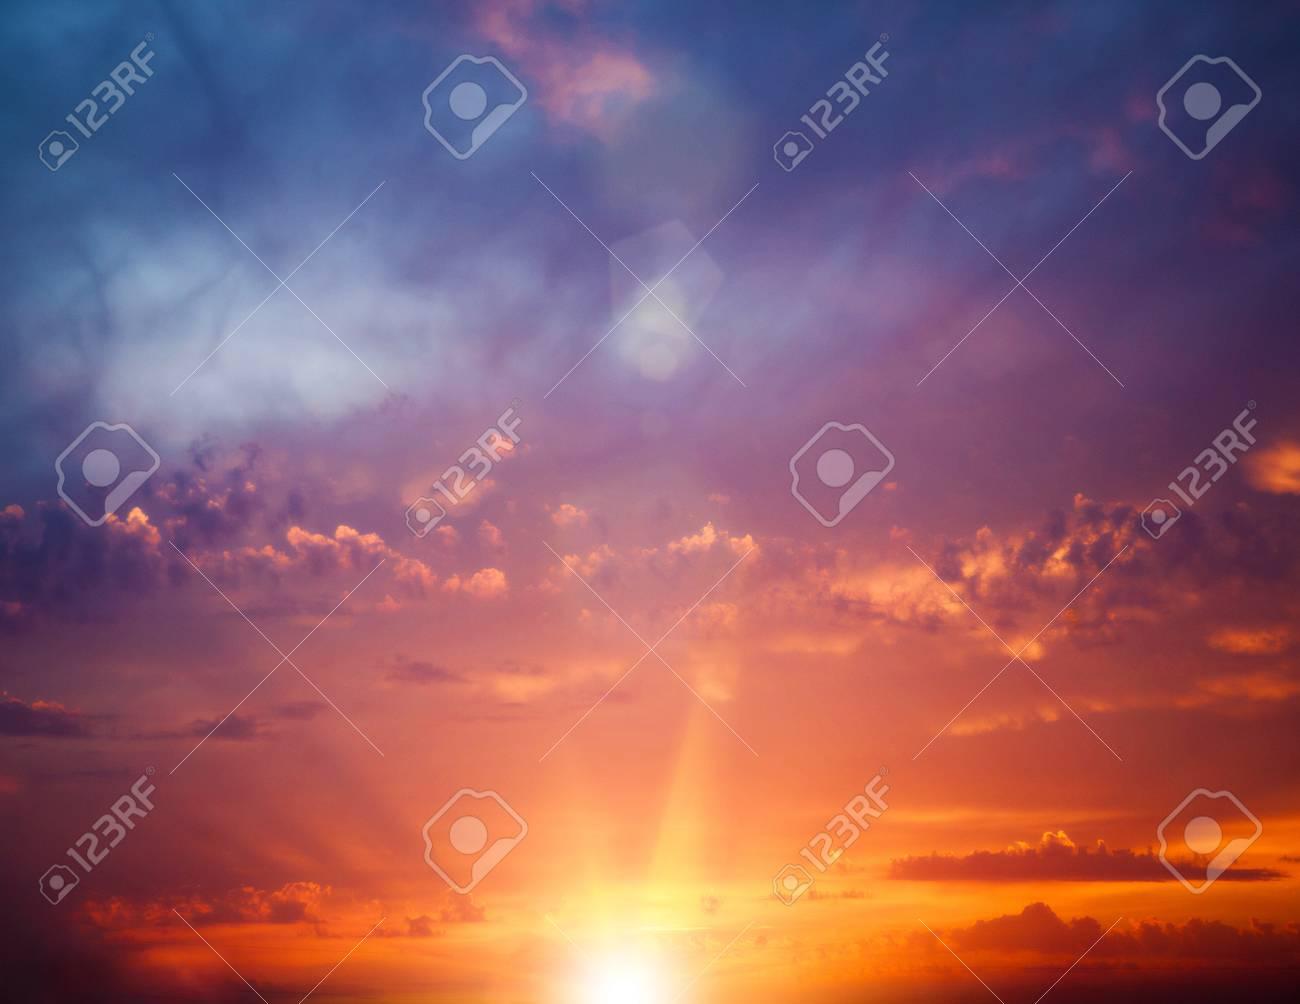 Immagini Stock Soleggiato Alba Sul Mare Sfondi Astratti